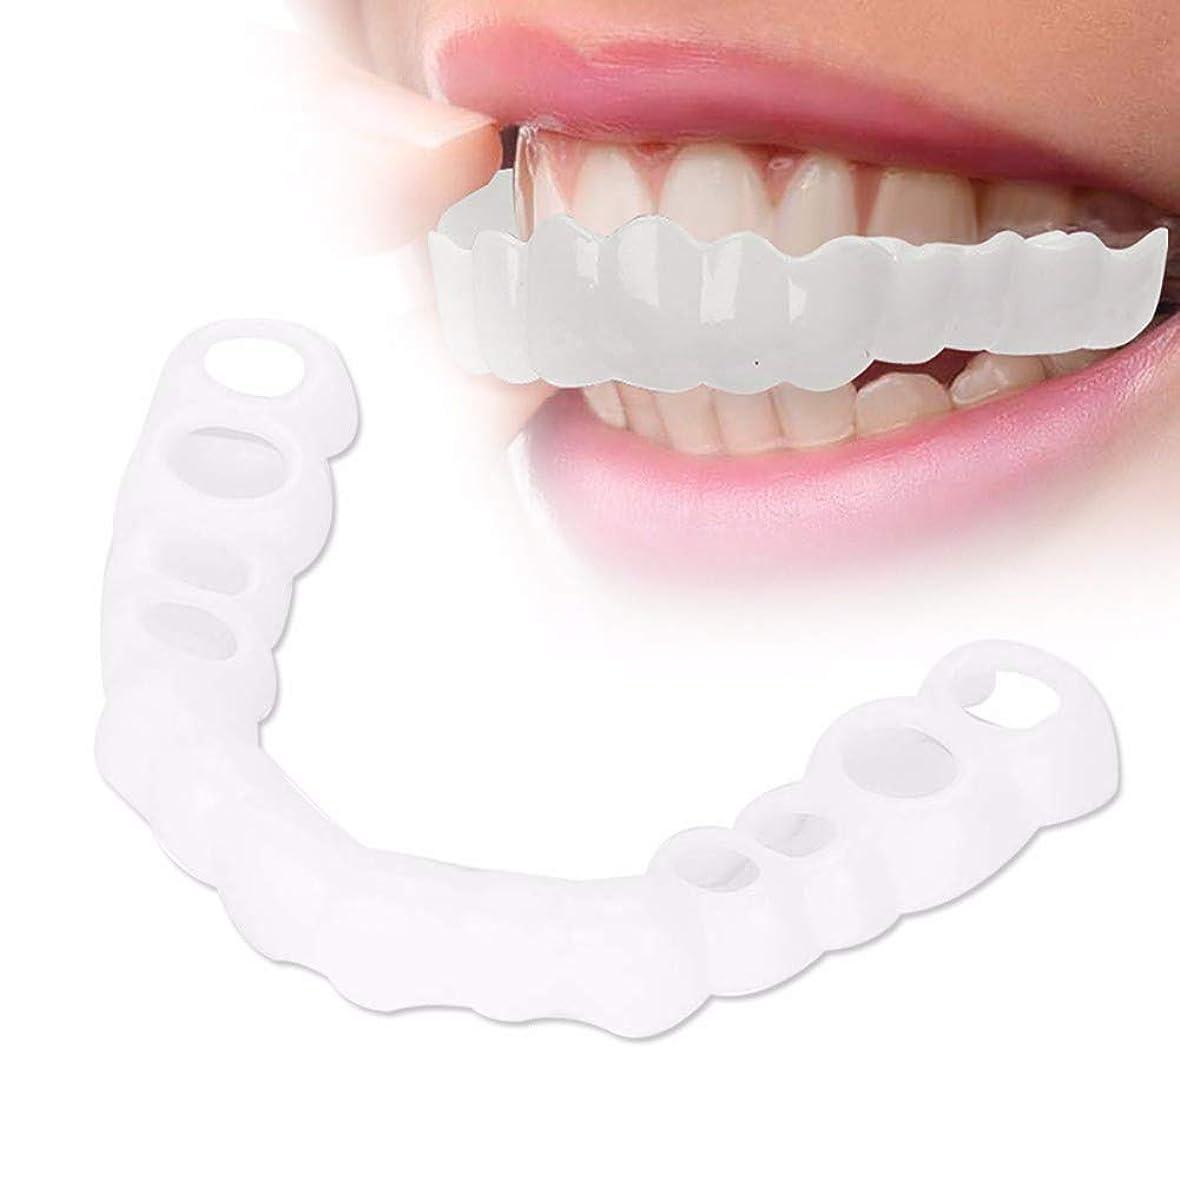 閃光四回南西一時的な笑顔の快適さフィット化粧品の歯義歯のベニヤの歯快適さのフィットフレックス化粧品の歯の歯のベニア(上の歯)